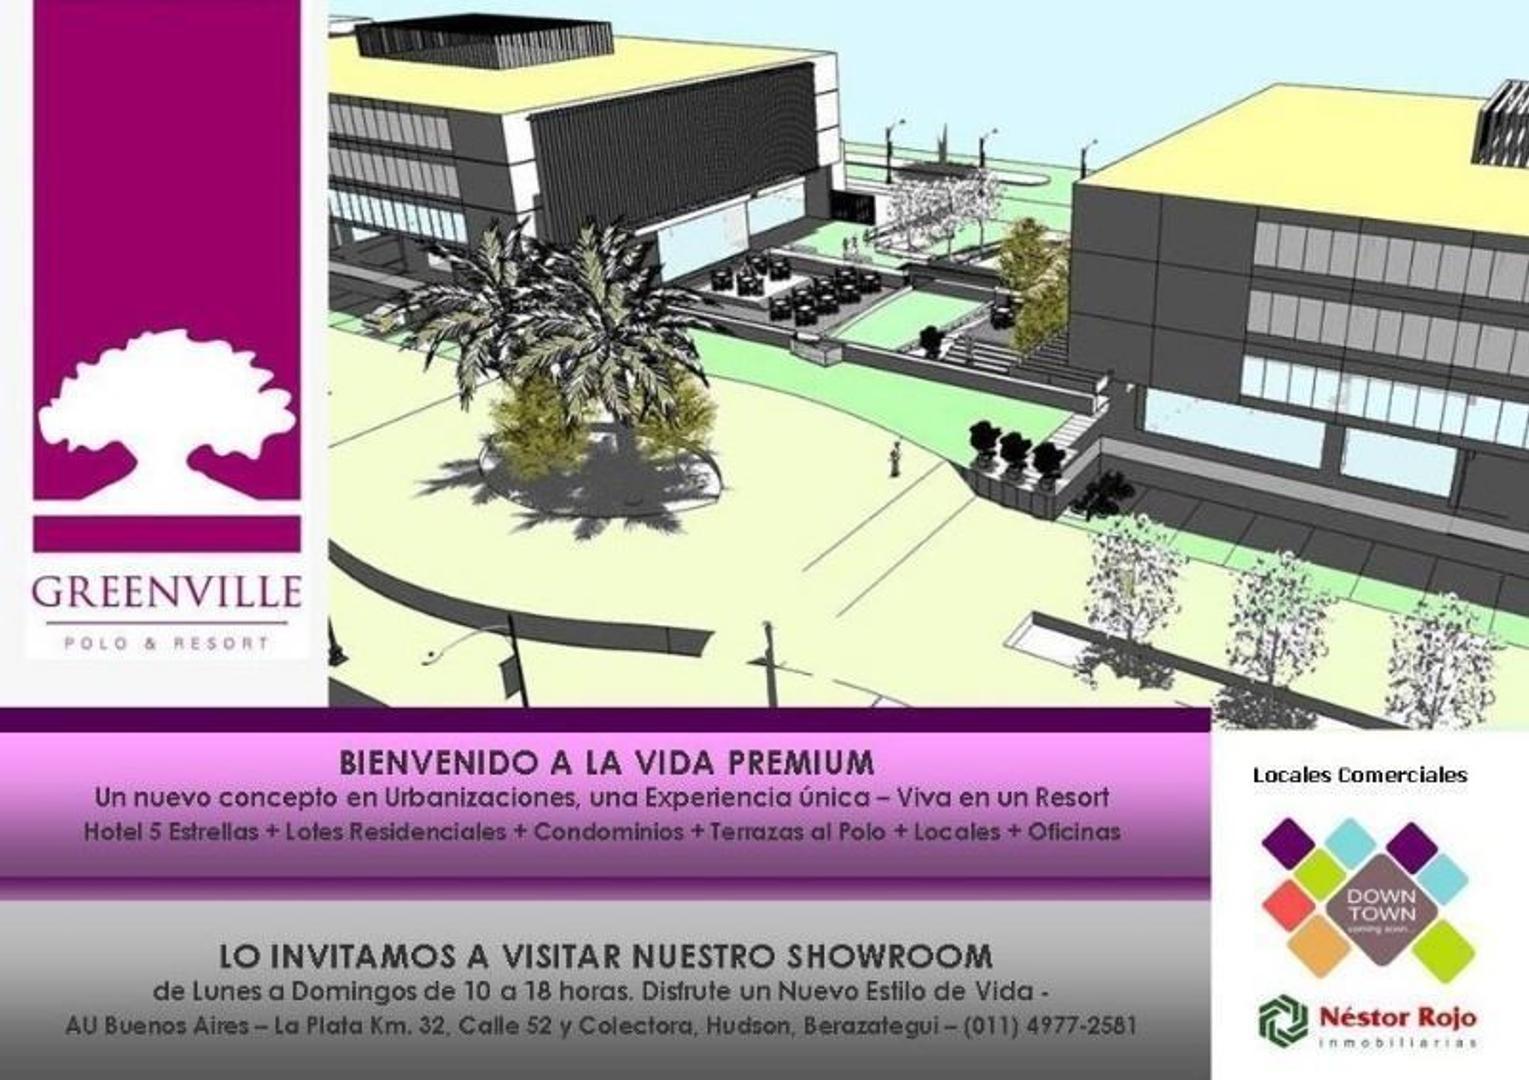 Locales Comerciales en Venta - Greenville Polo & Resort - Hudson